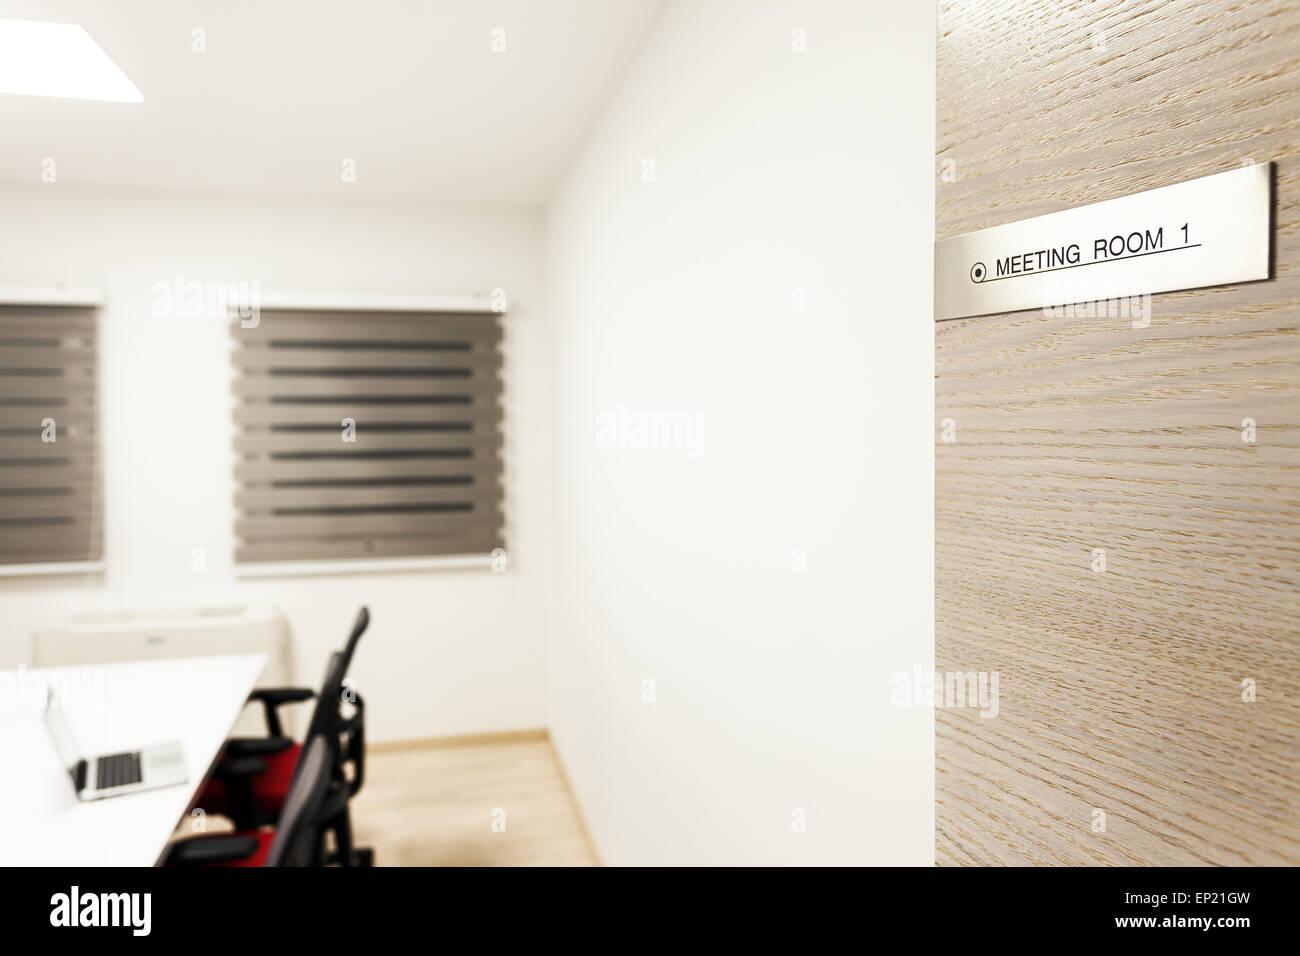 Details zu einen modernen Tagungsraum in weiß. Stockbild